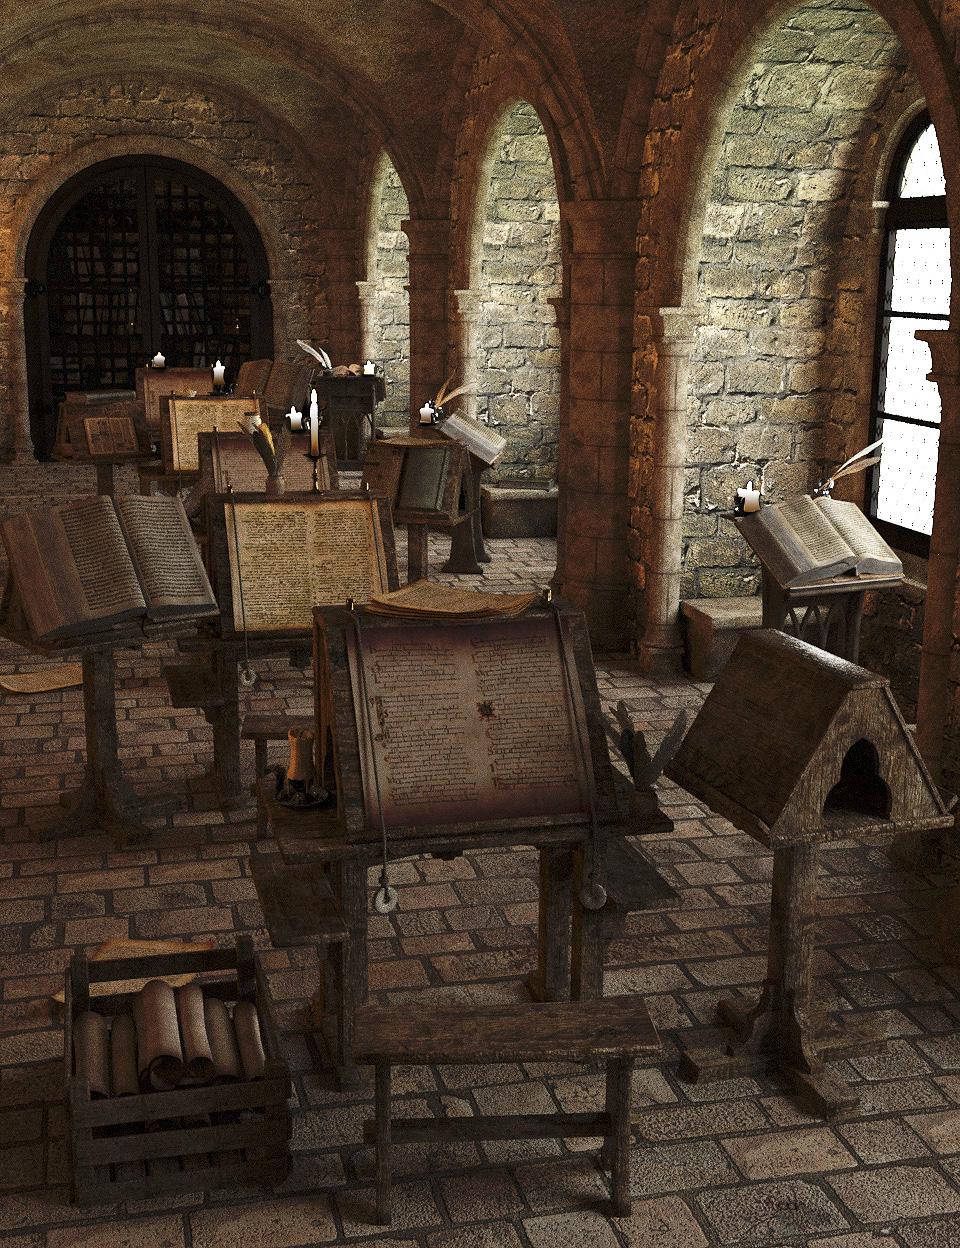 Medieval Scriptorium by: Faveral, 3D Models by Daz 3D